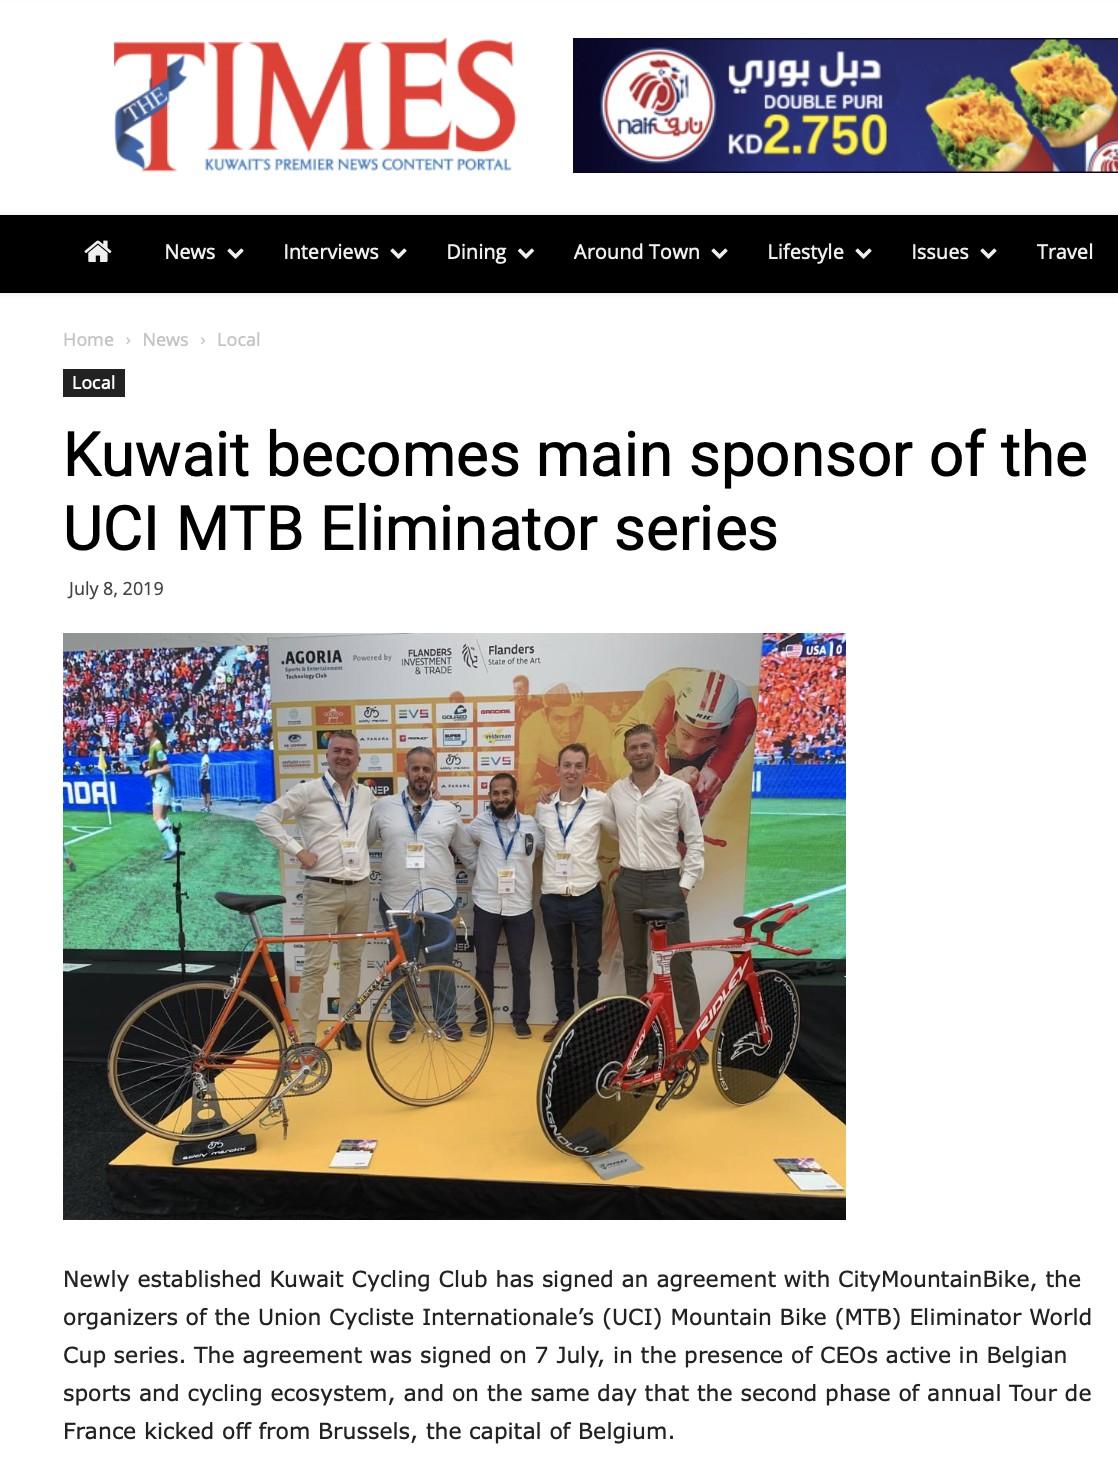 Screenshot KUW Times Online